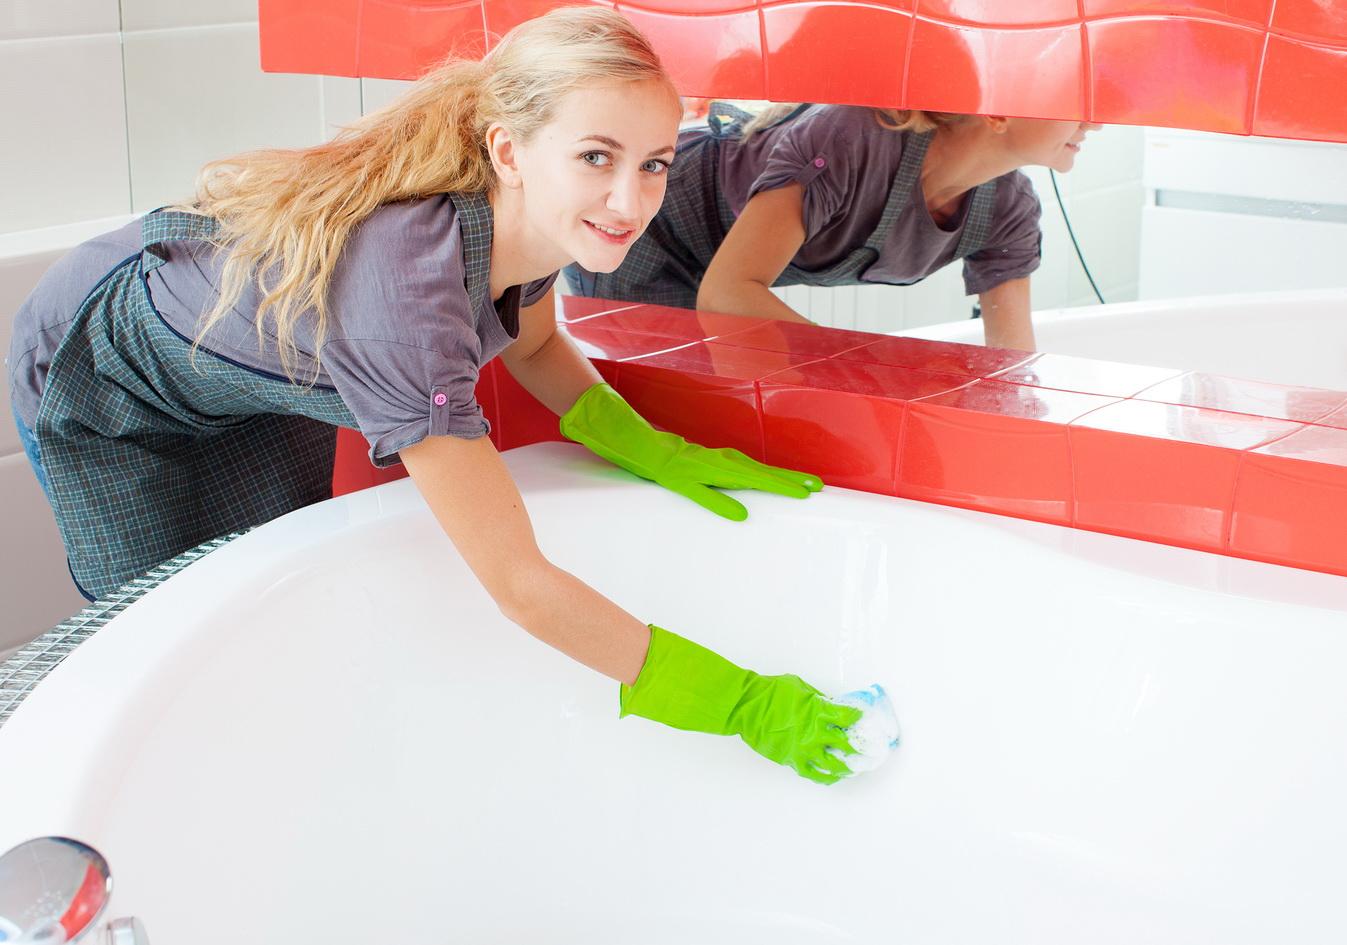 Реставрация ванны своими руками эмалирование наливная вкладыш фото видео